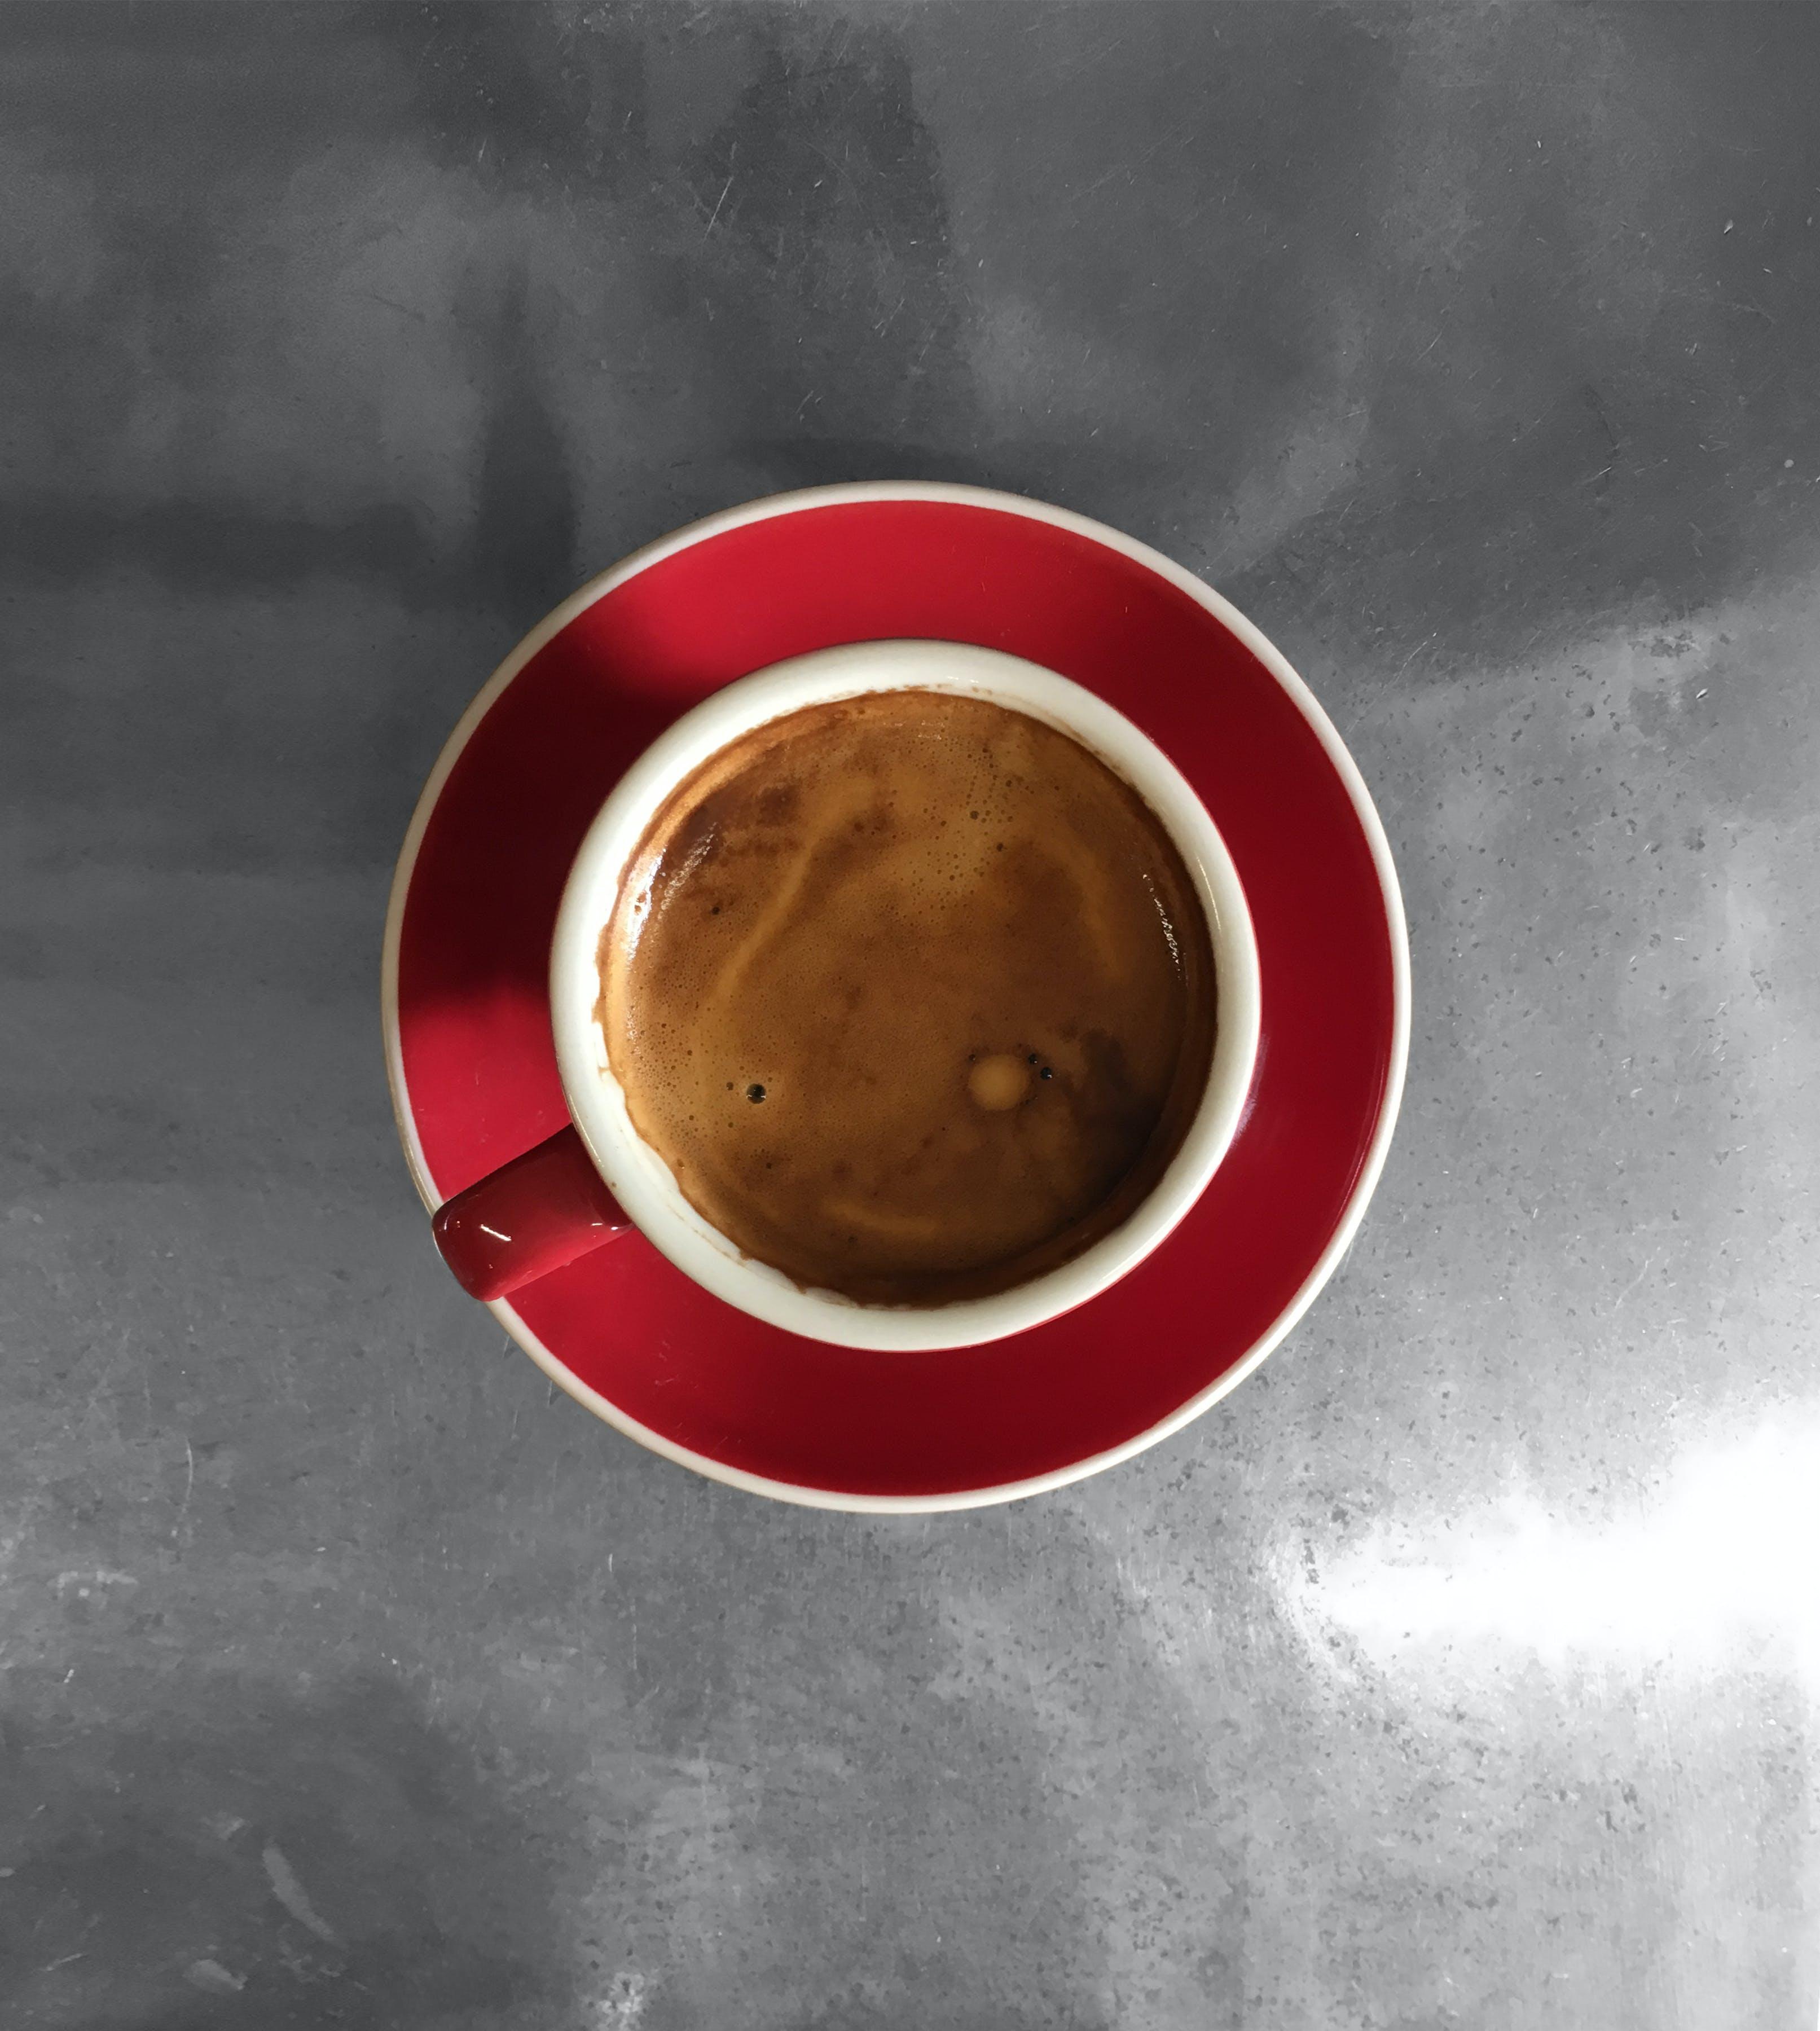 咖啡, 咖啡師, 咖啡師咖啡, 咖啡館咖啡 的 免費圖庫相片